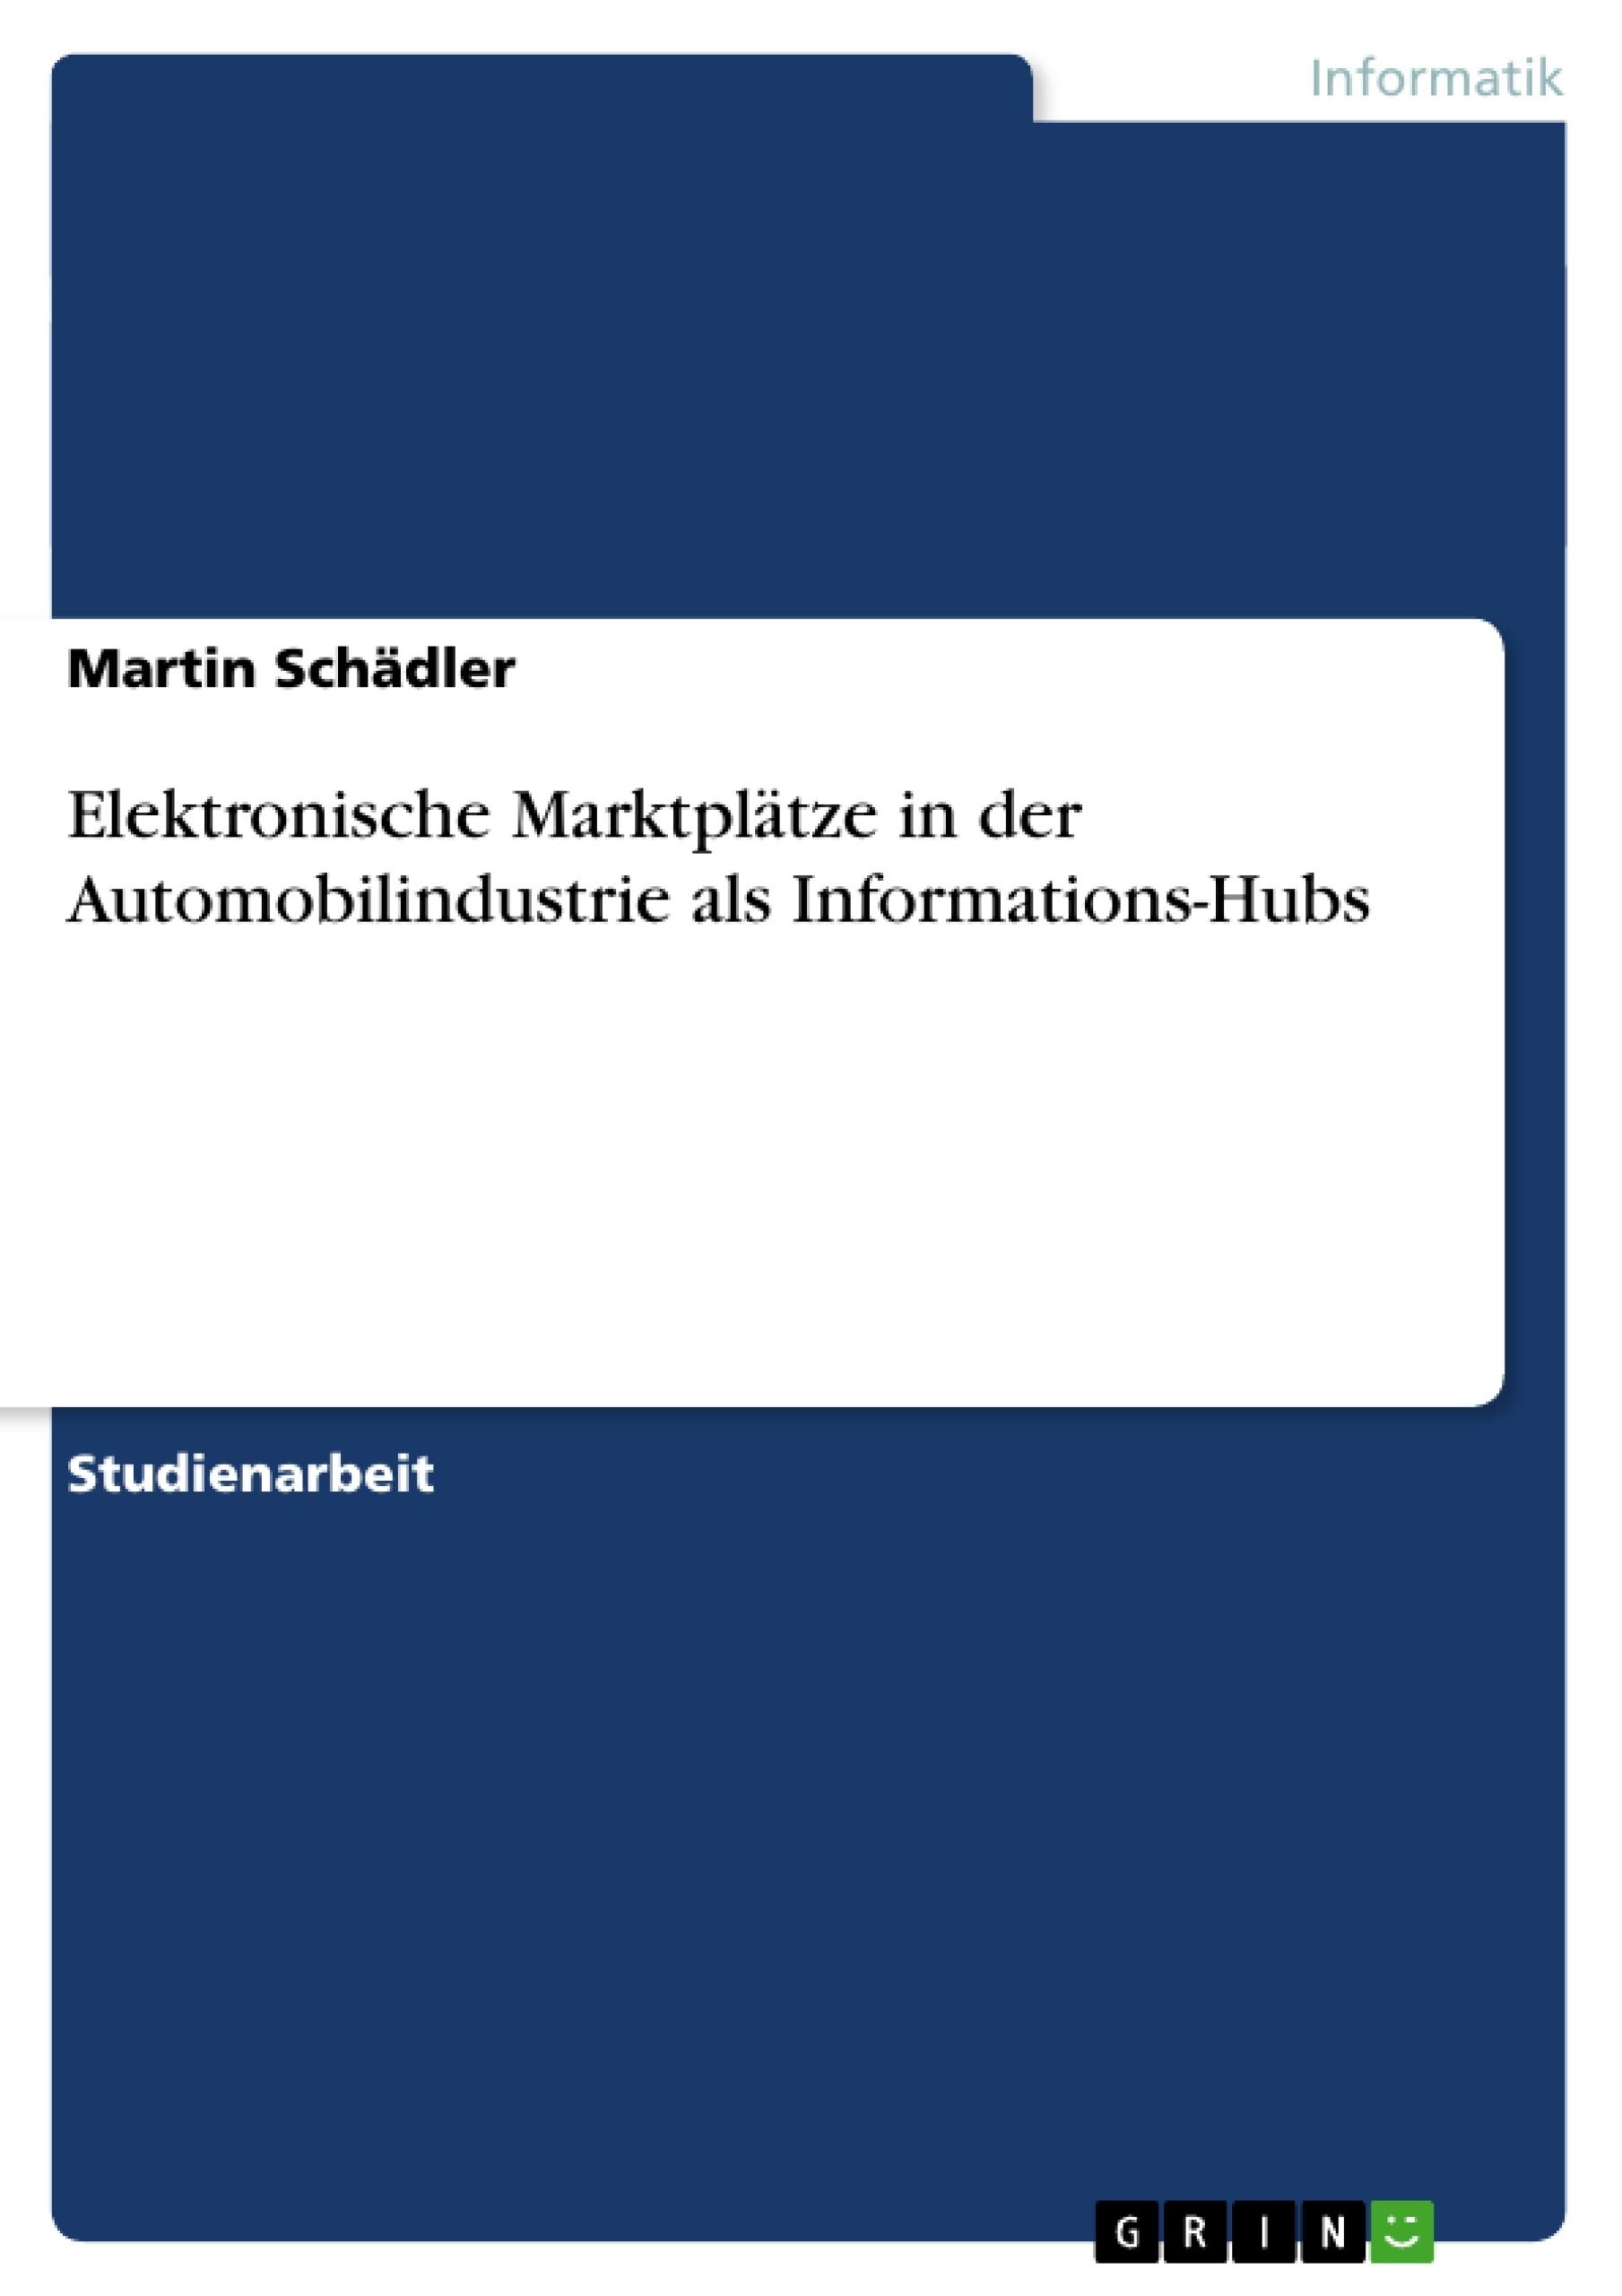 Titel: Elektronische Marktplätze in der Automobilindustrie als Informations-Hubs